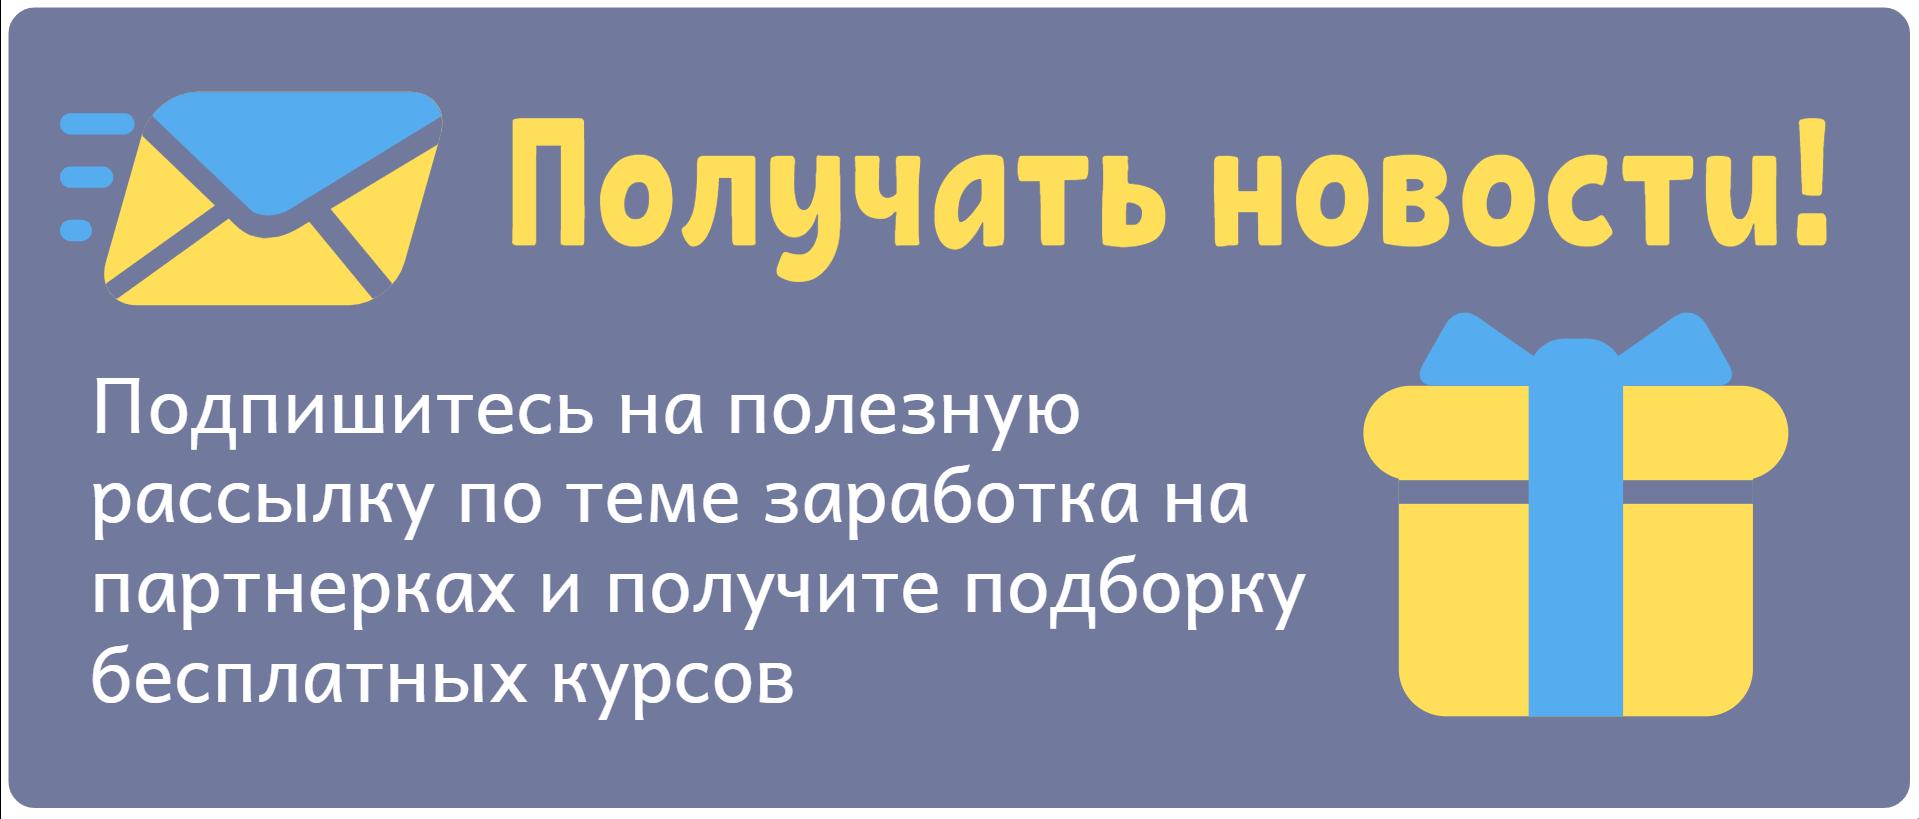 podpiska_na_novosti